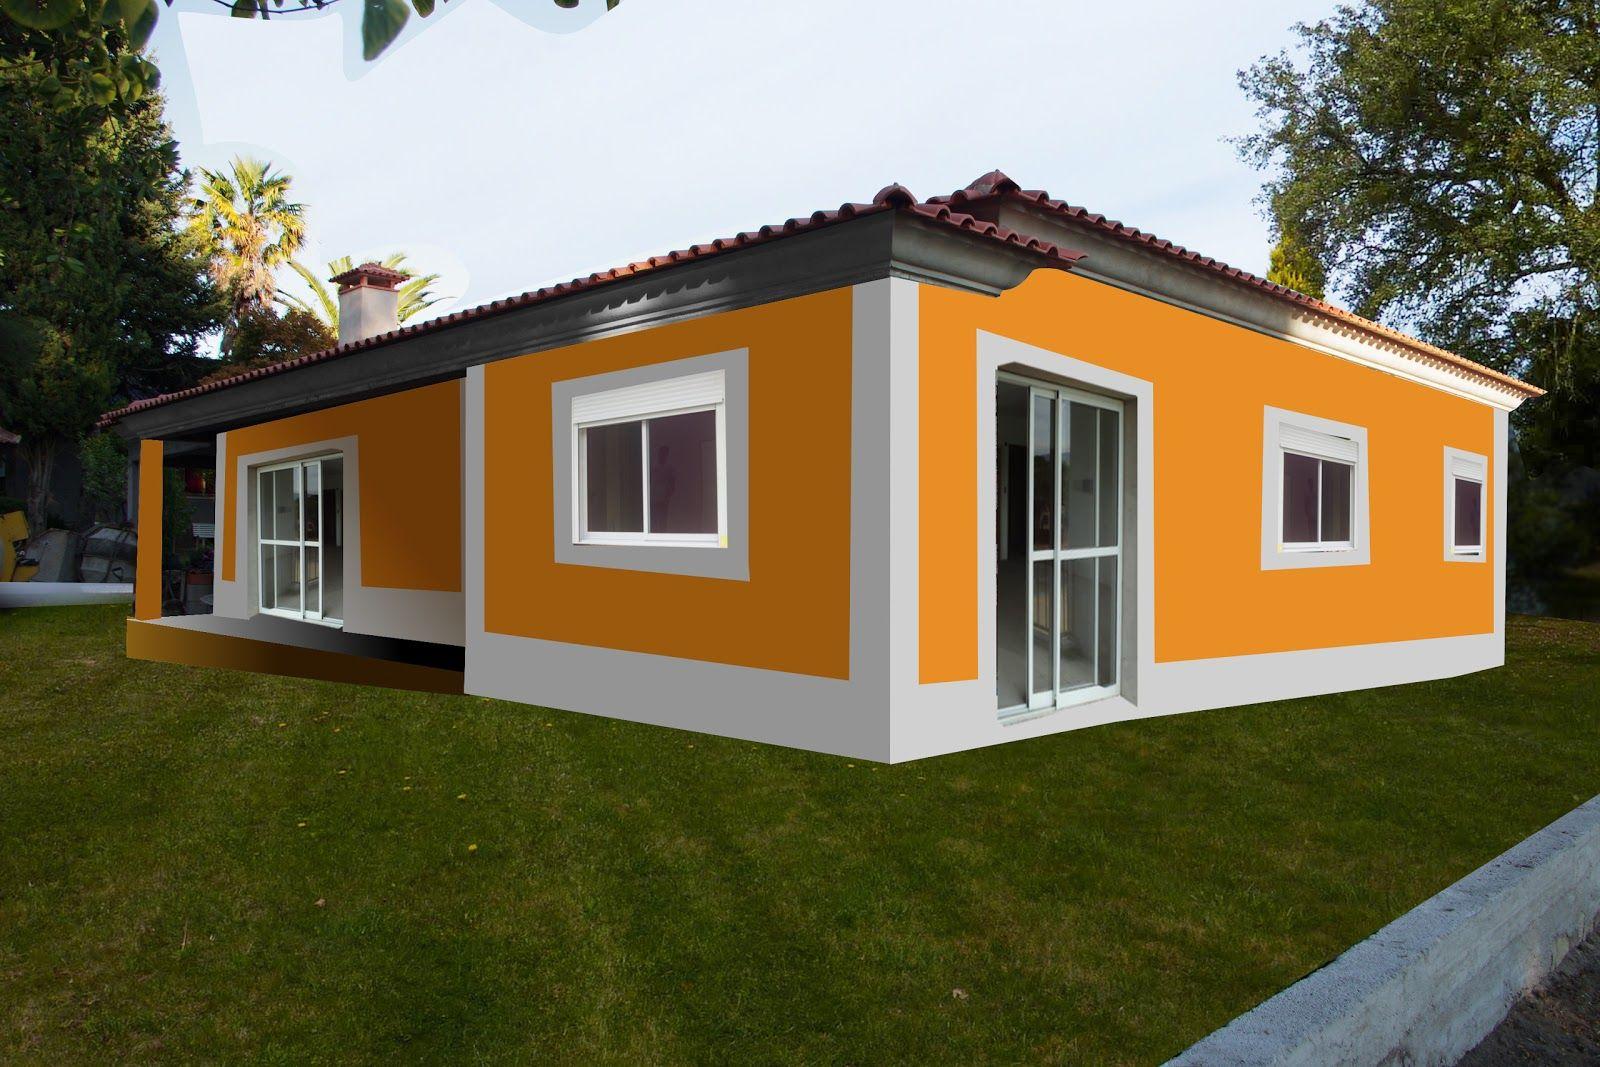 1600 1067 karina avendano pinterest for Modelos de casas exteriores